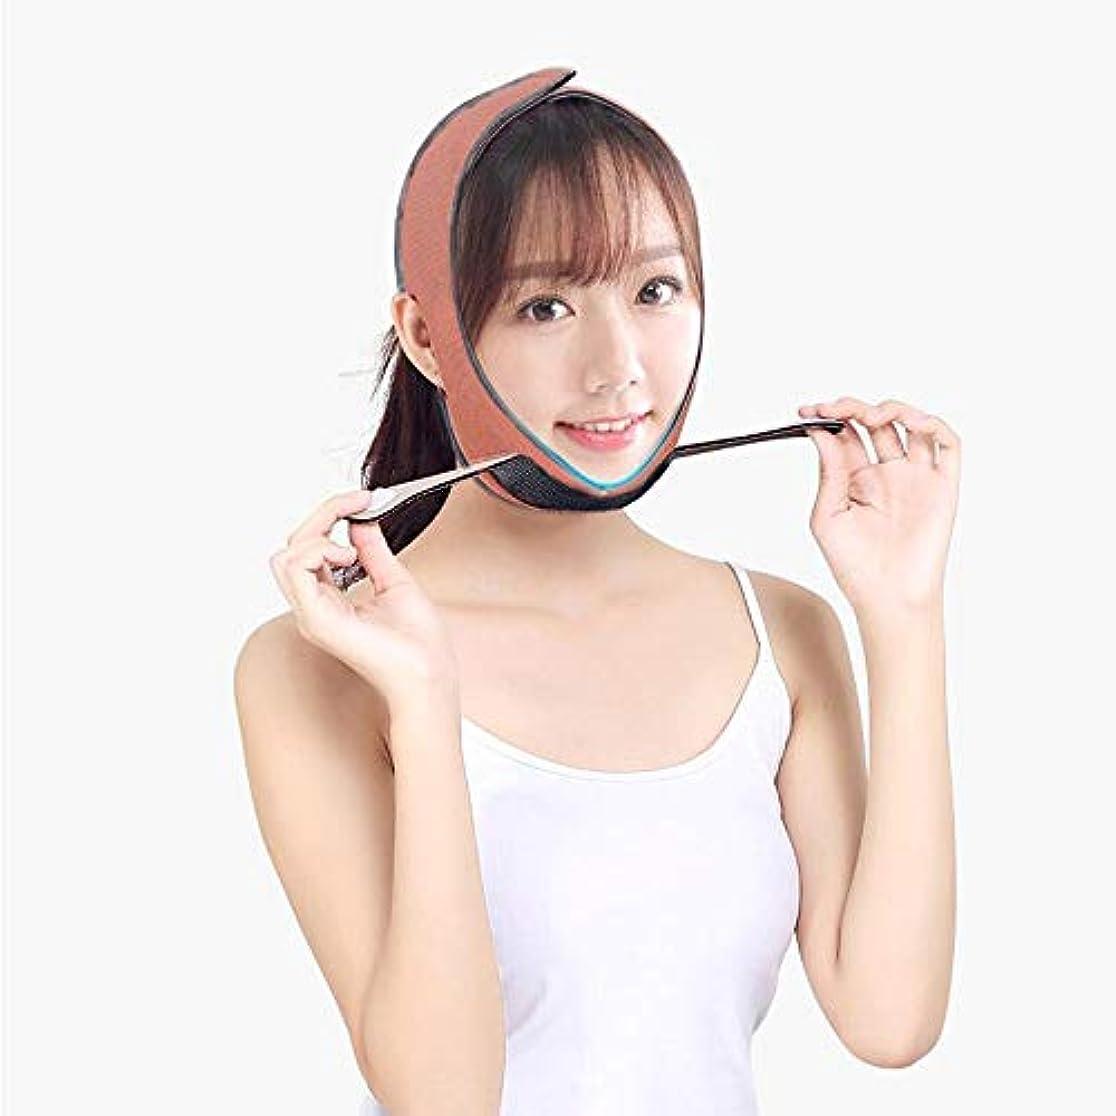 カフェテリアスイス人試用フェイシャルリフティングスリミングベルト - 薄いフェイス包帯Vフェイス包帯マスクフェイシャルマッサージャー無料整形マスク顔と首の顔を引き締めますスリム